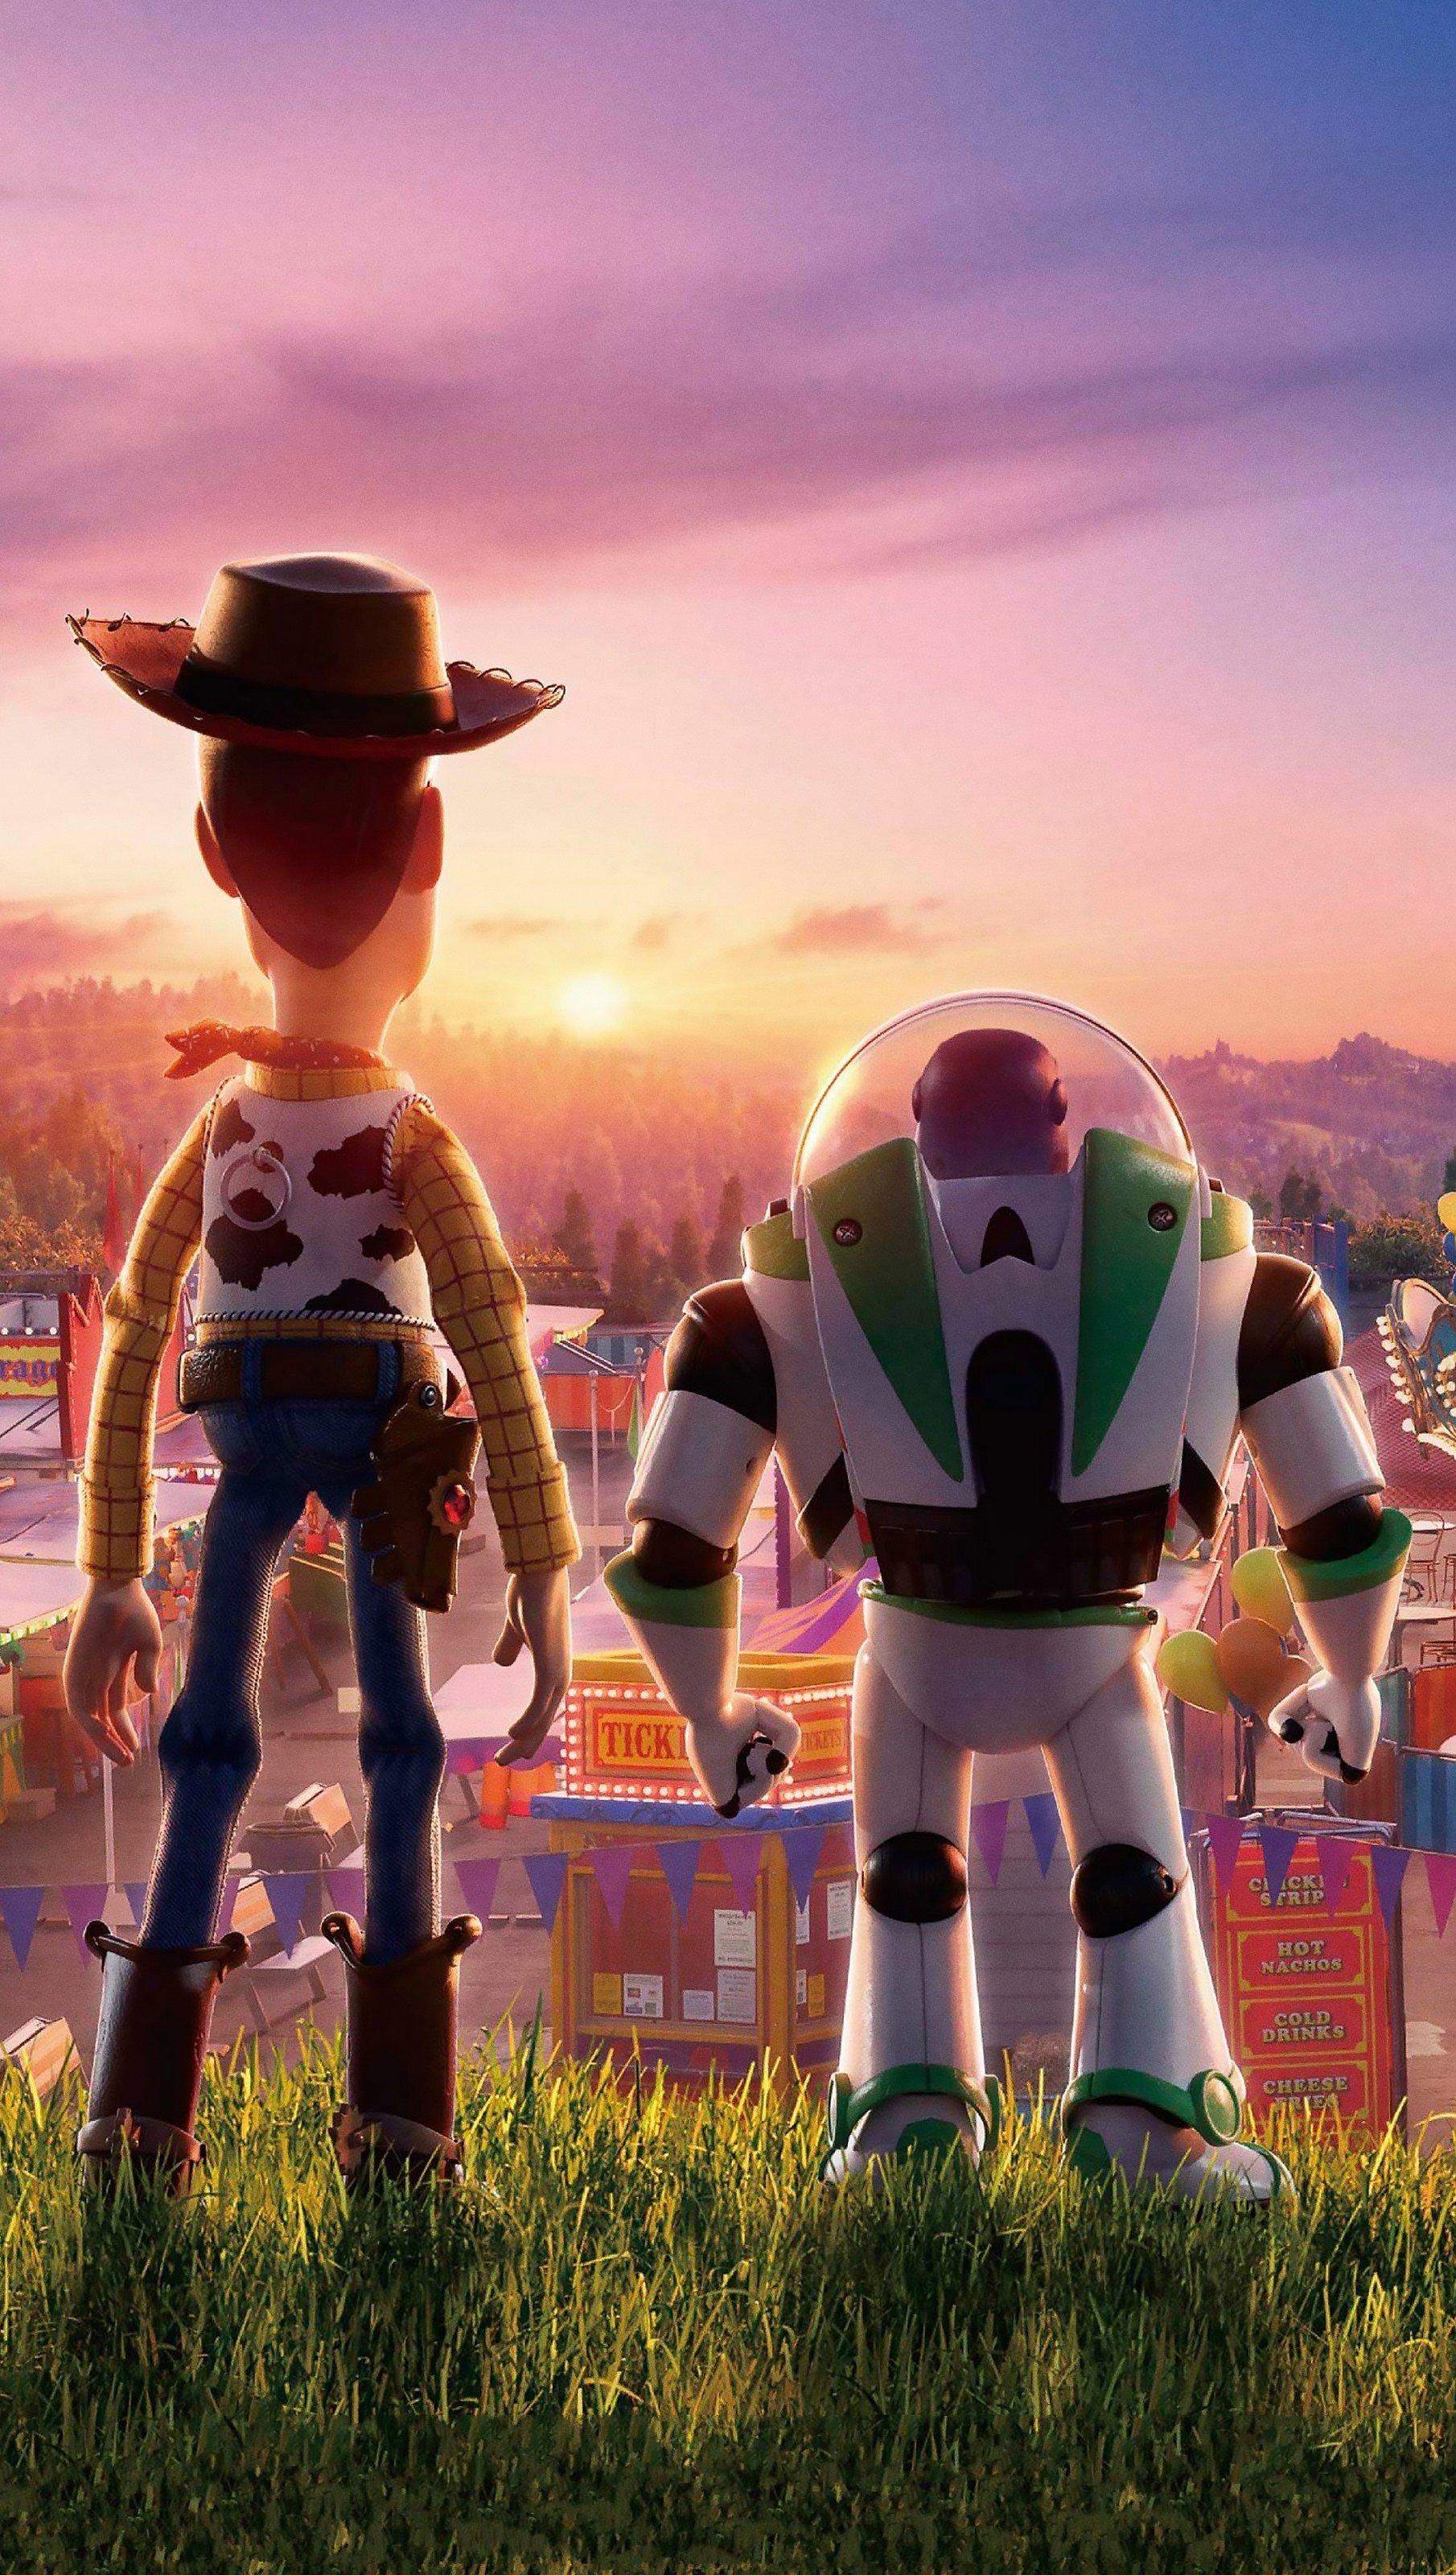 Fondos de pantalla Toy Story 4 Woody y Buzz Lightyear Vertical